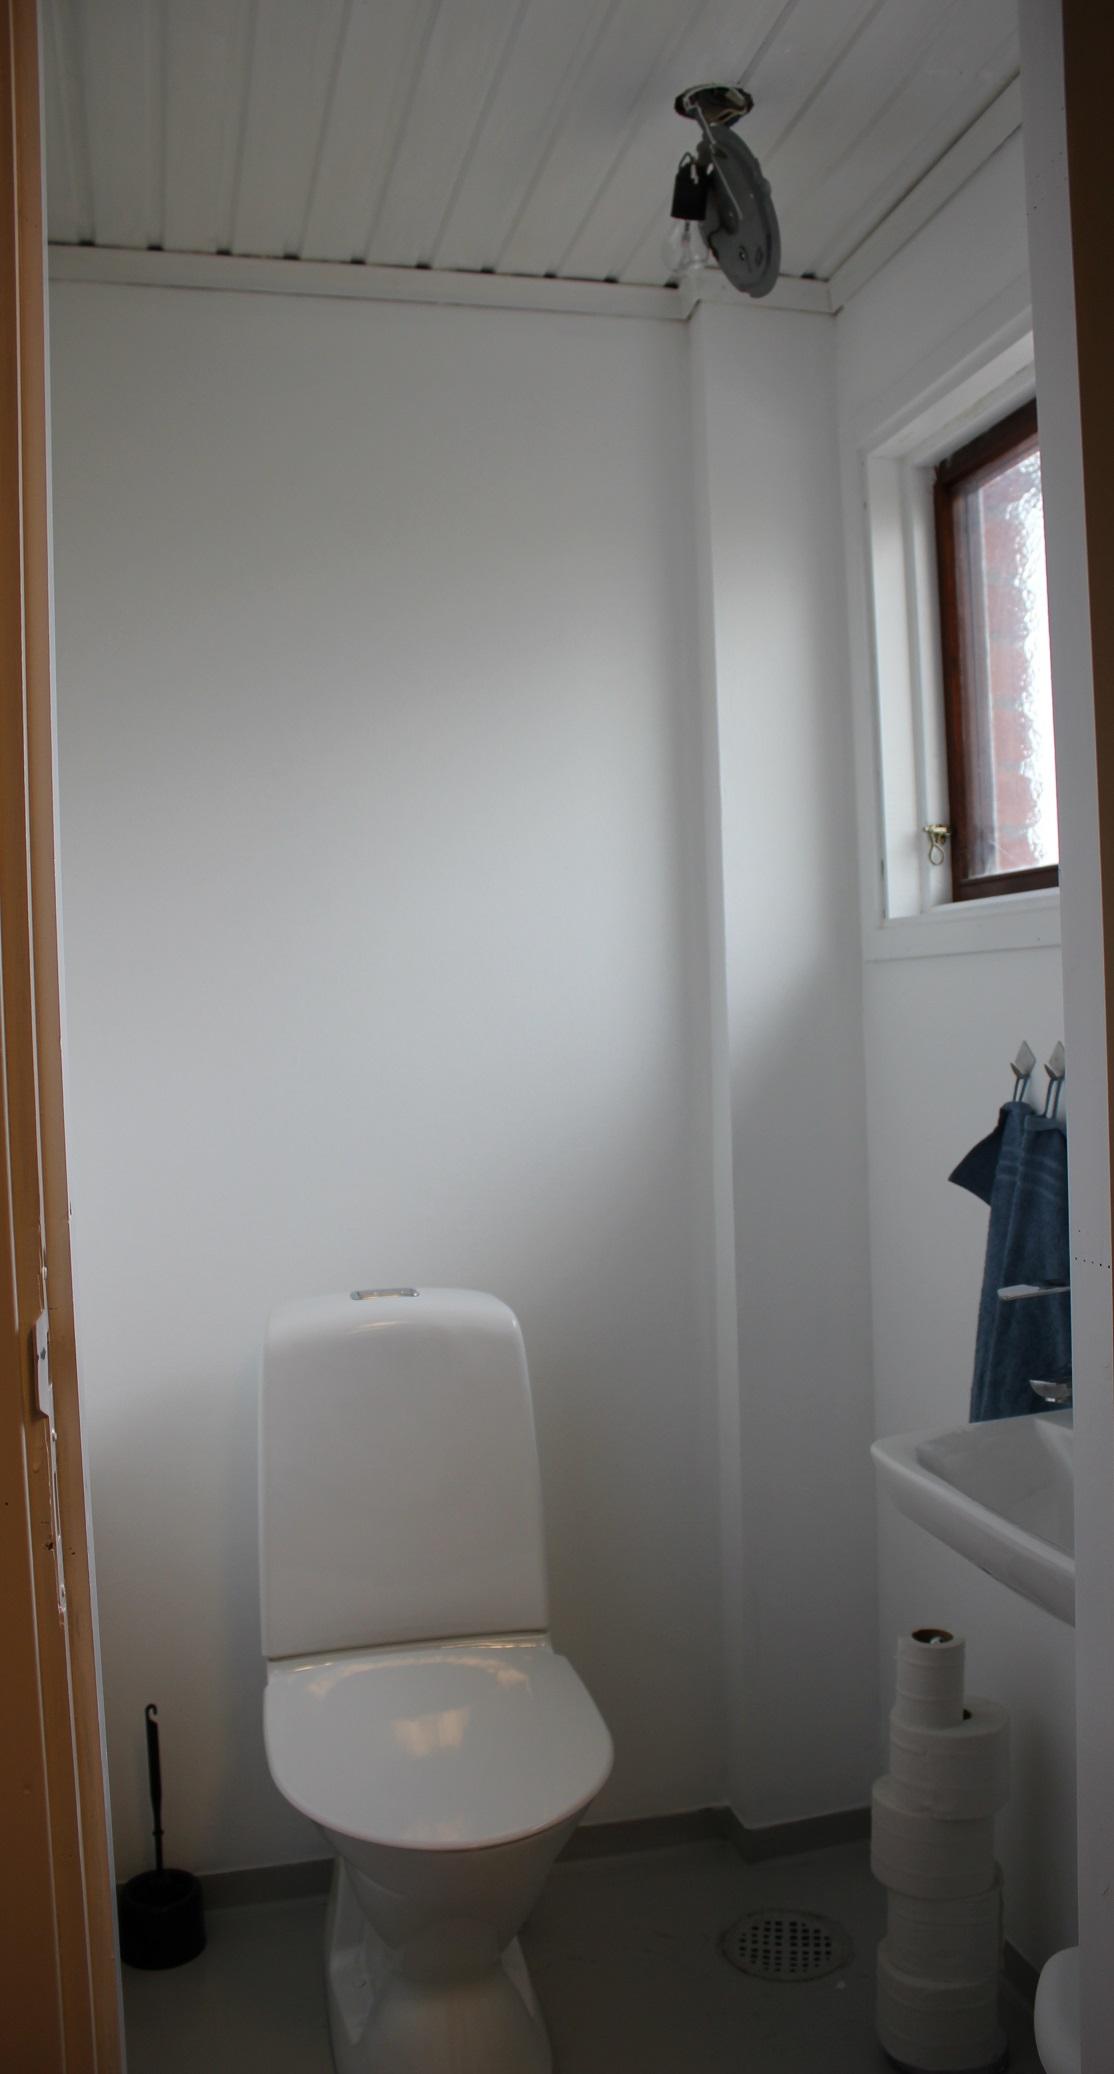 2019-04-19 Toalett med nytt porslin3